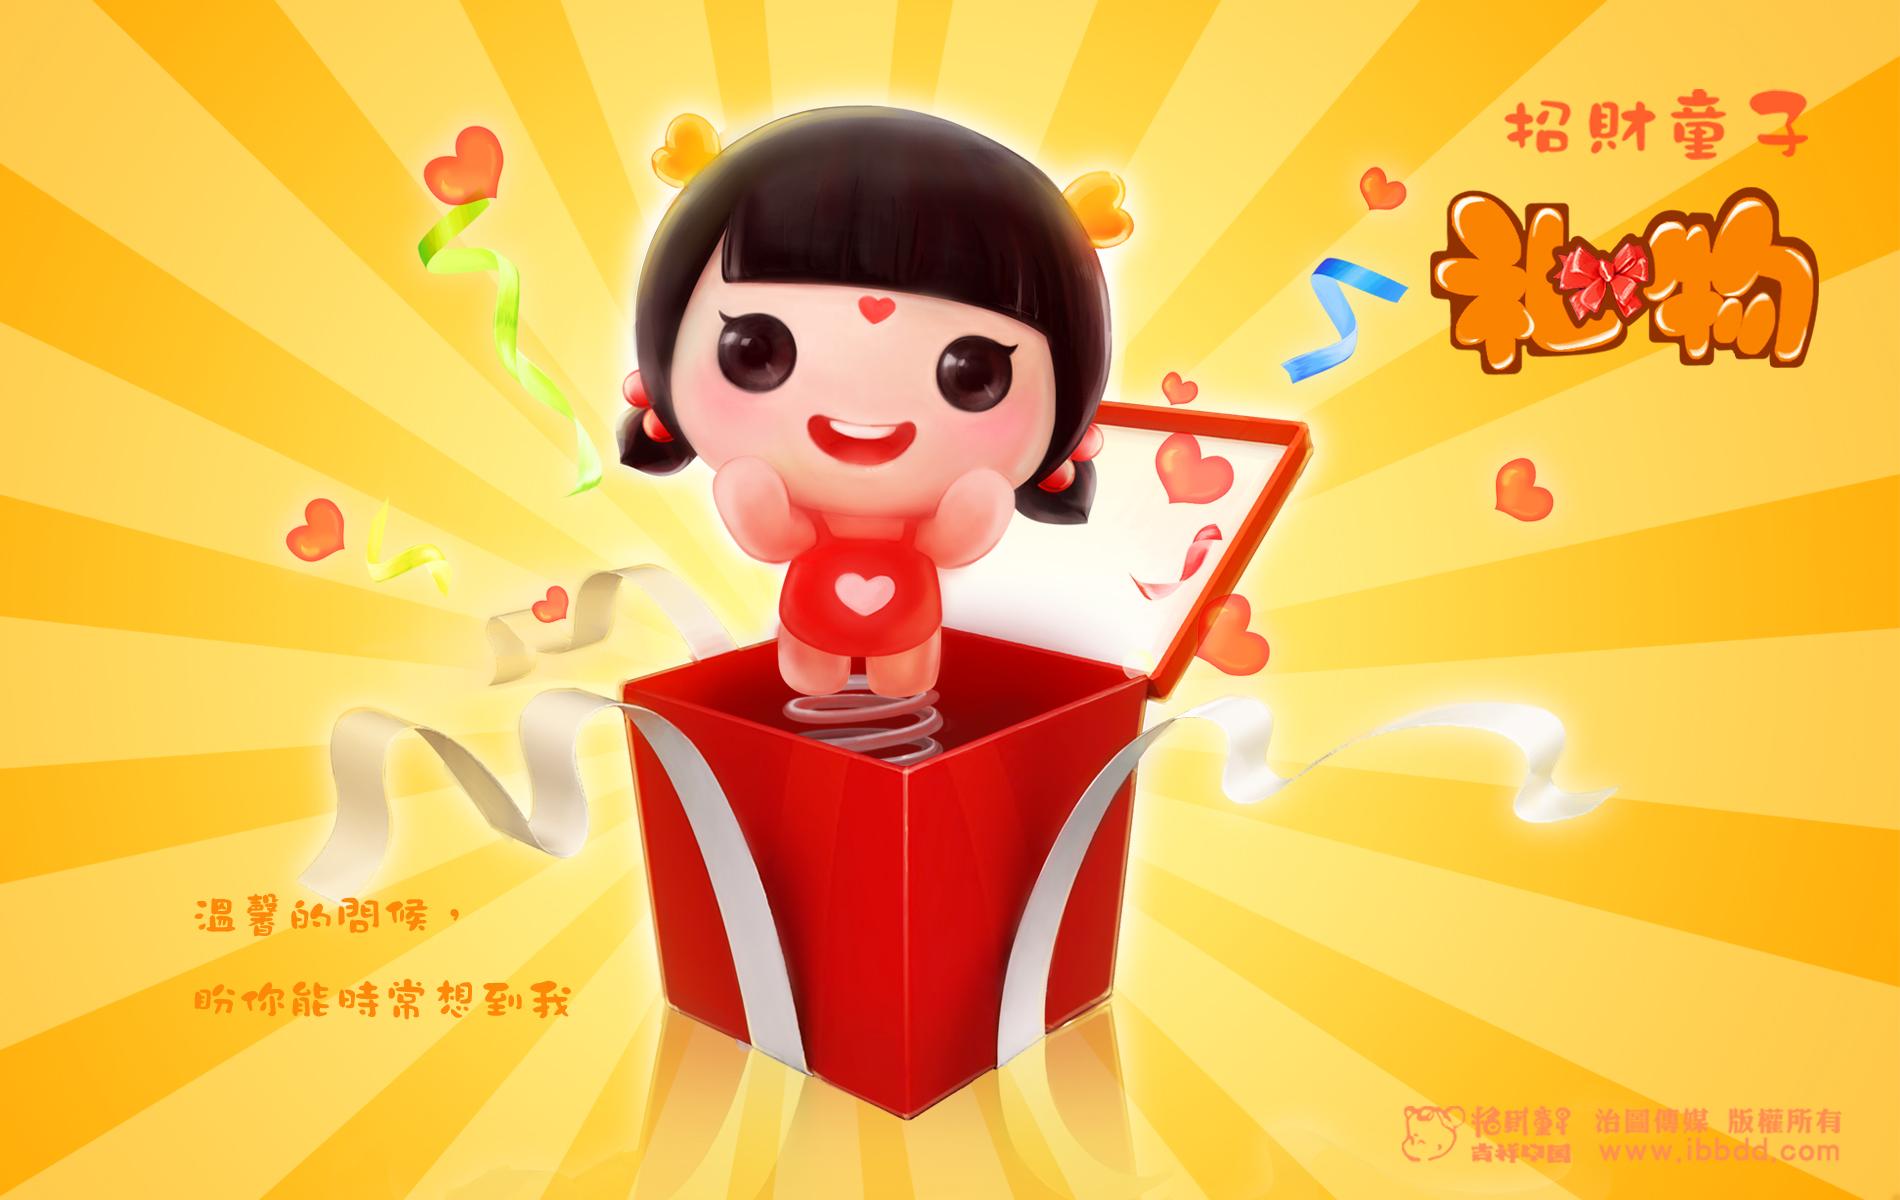 招财童子可爱卡通新年宽屏壁纸 2011